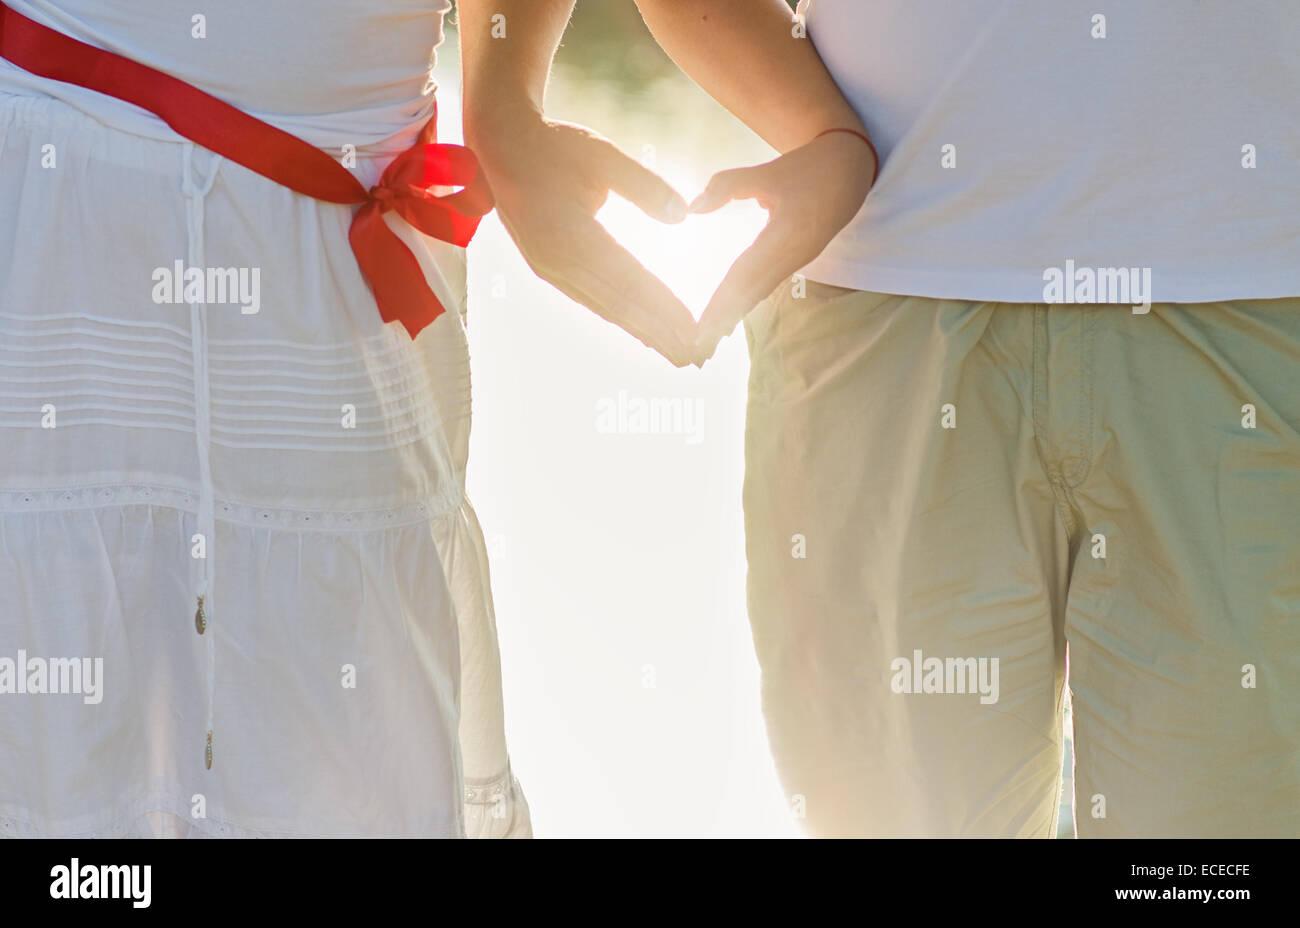 Mains de deux personnes qui ont la forme de coeur Photo Stock